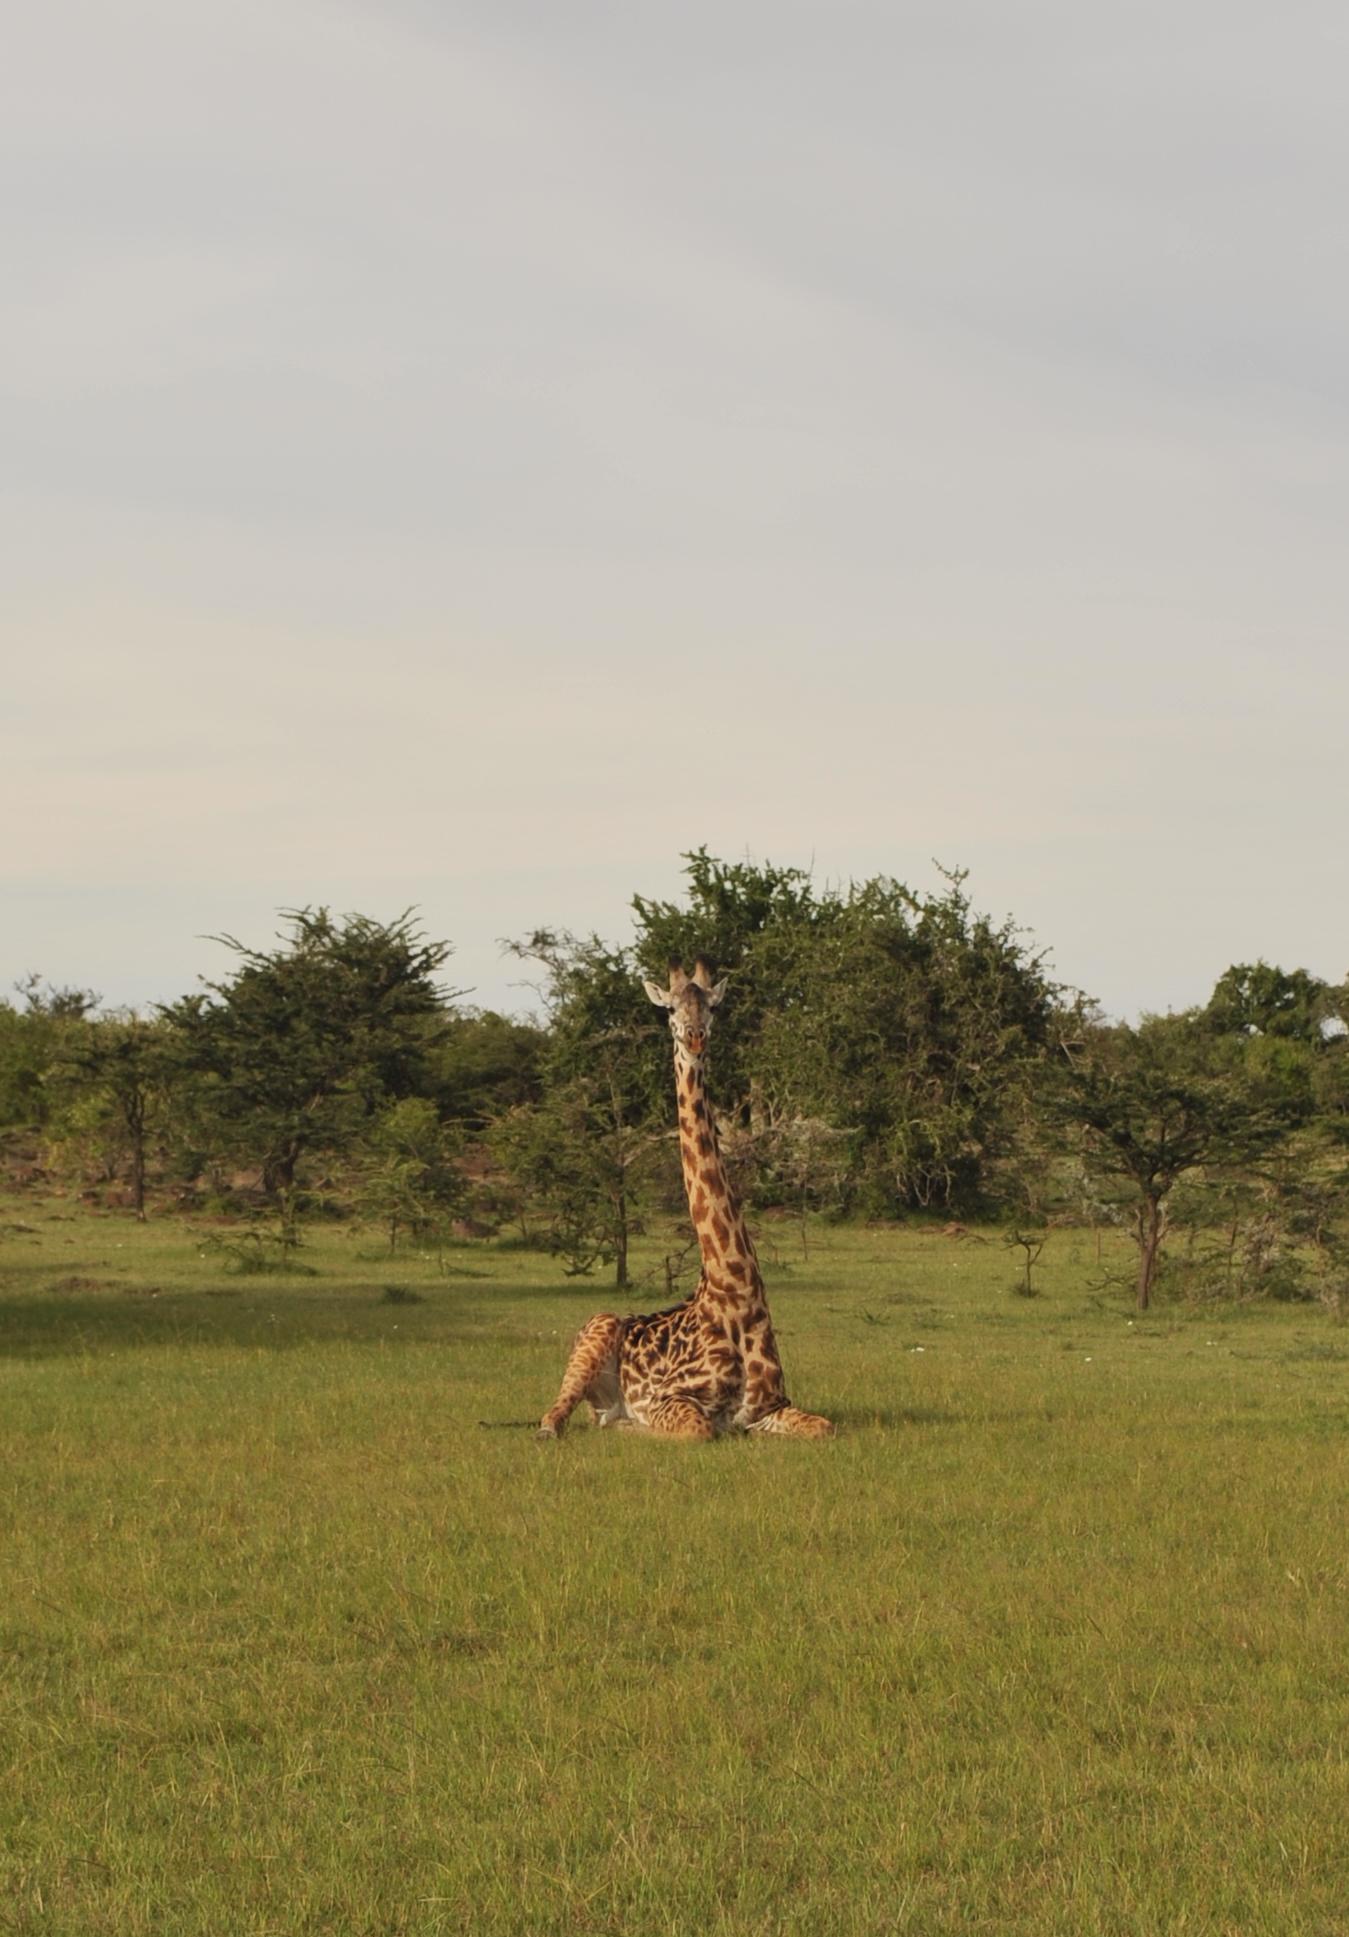 Masai-giraffe-Anton-Crone